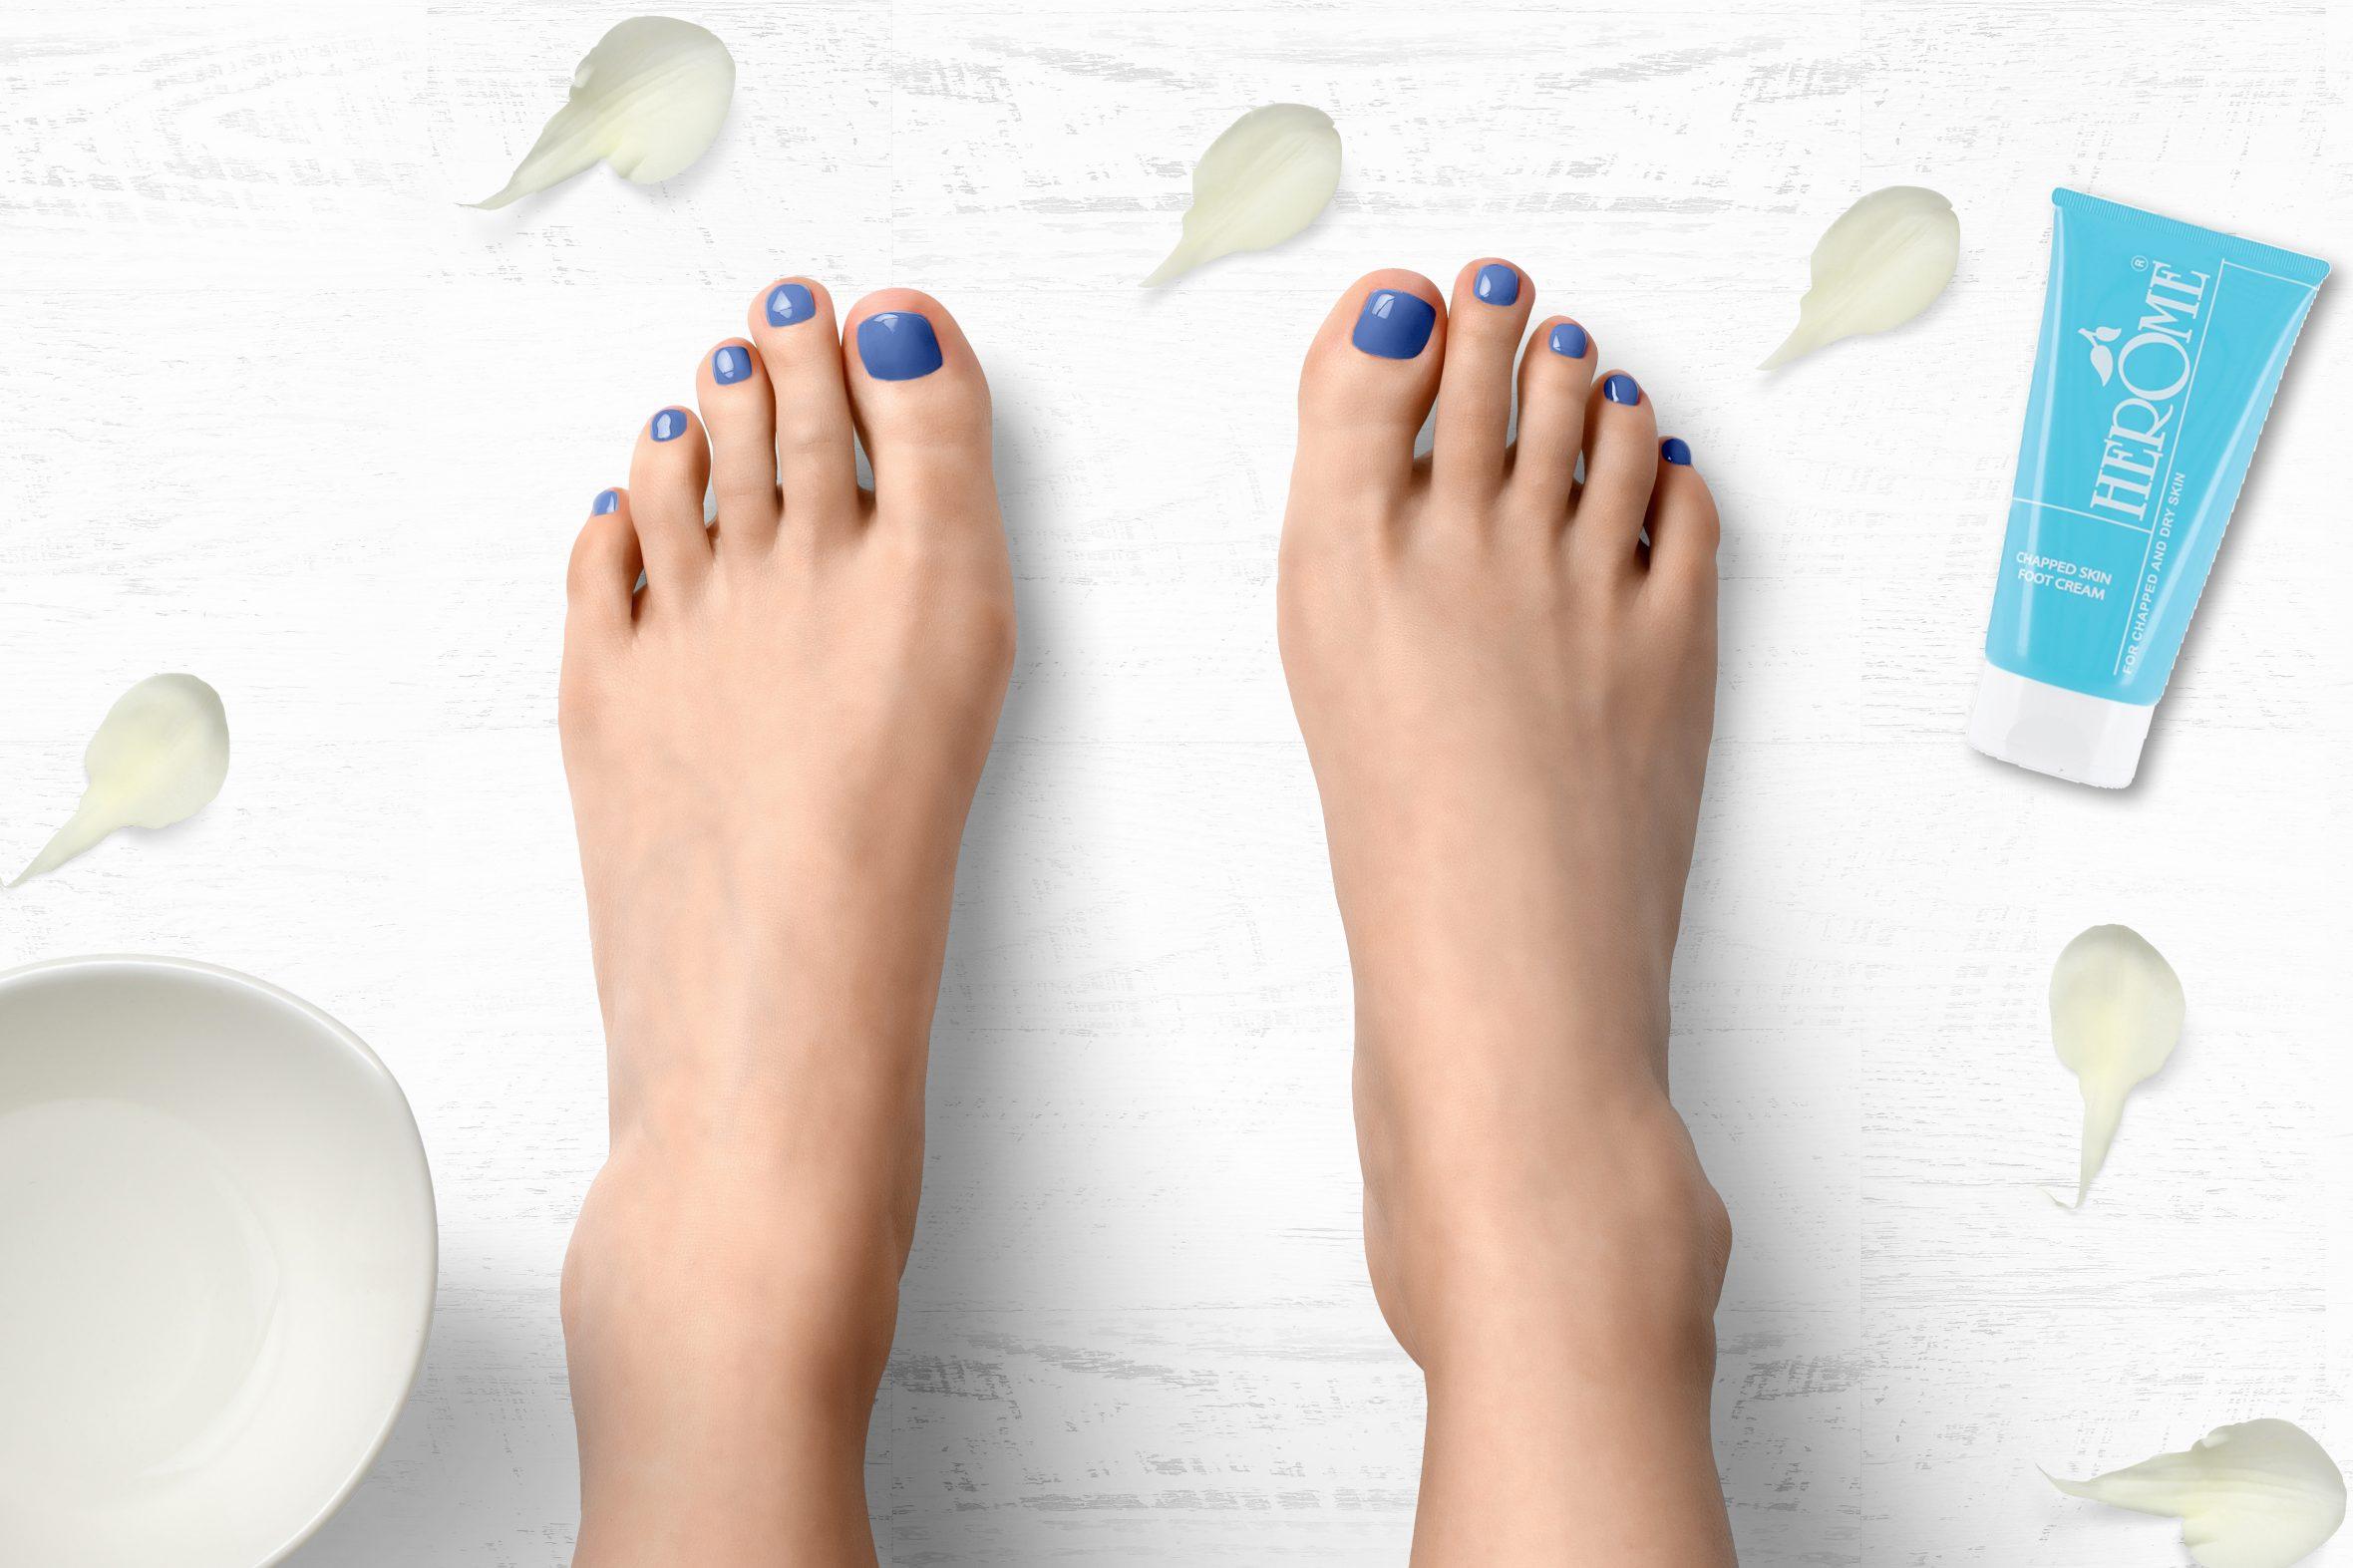 blauwe nagellak van Herôme voor je pedicure of manicure